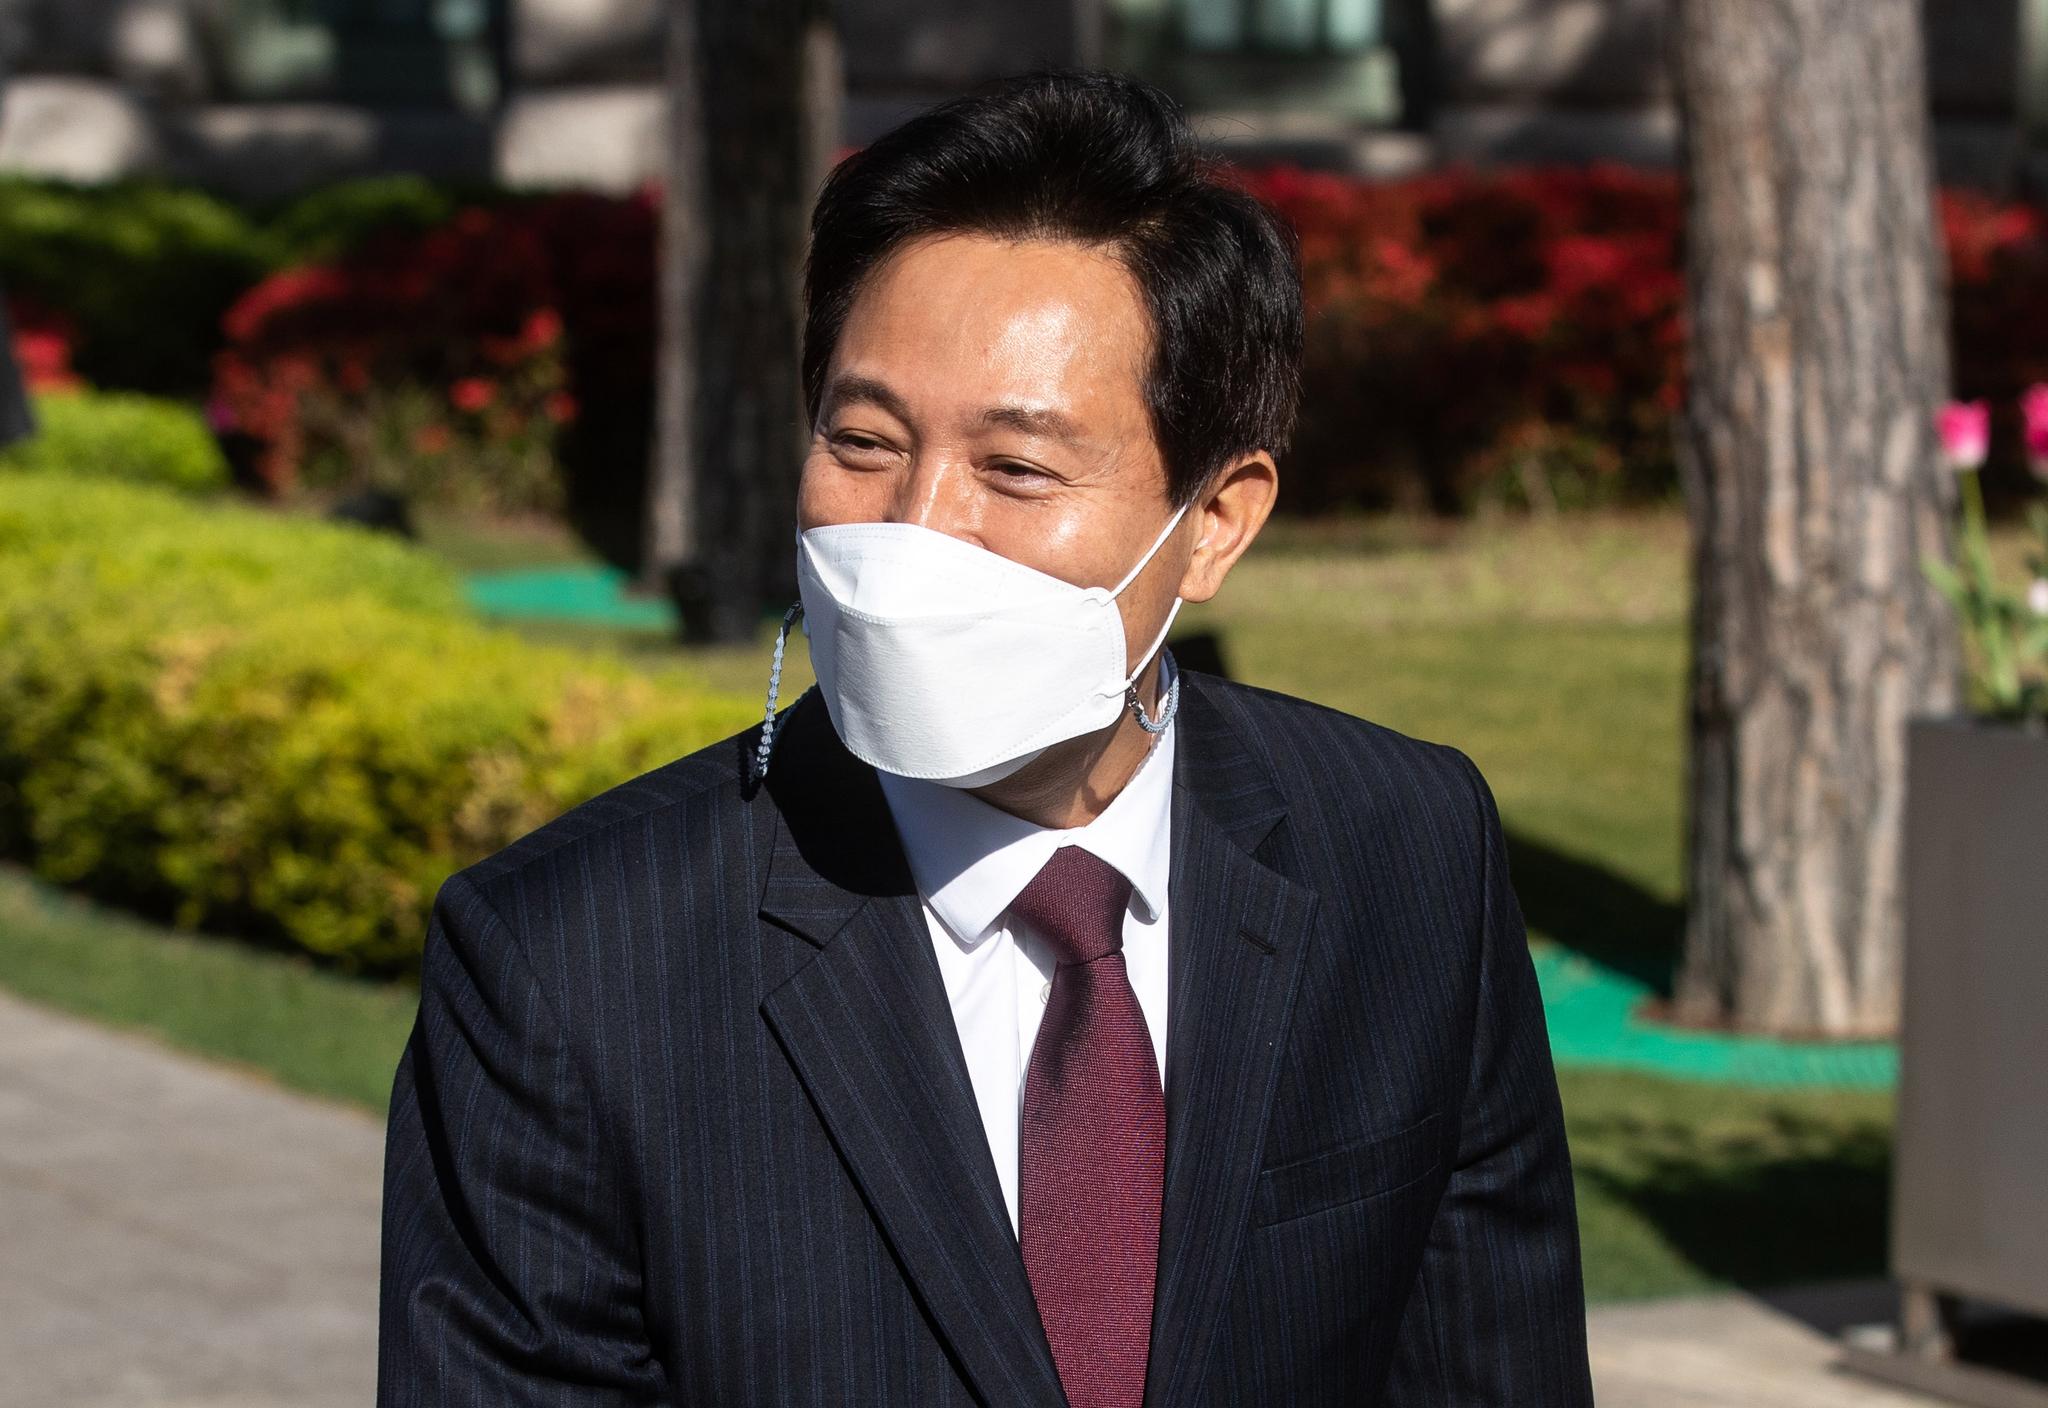 제38대 서울특별시장에 당선된 오세훈 시장이 8일 오전 서울시청으로 출근하고 있다. 연합뉴스